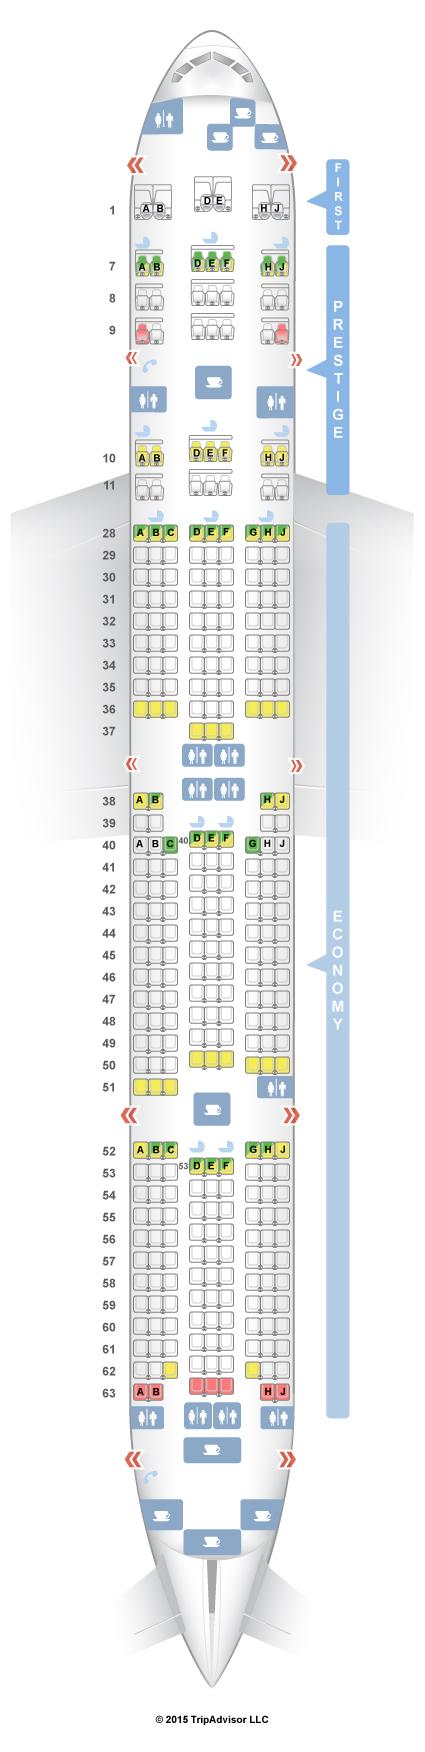 Seatguru Seat Map Korean Air Seatguru